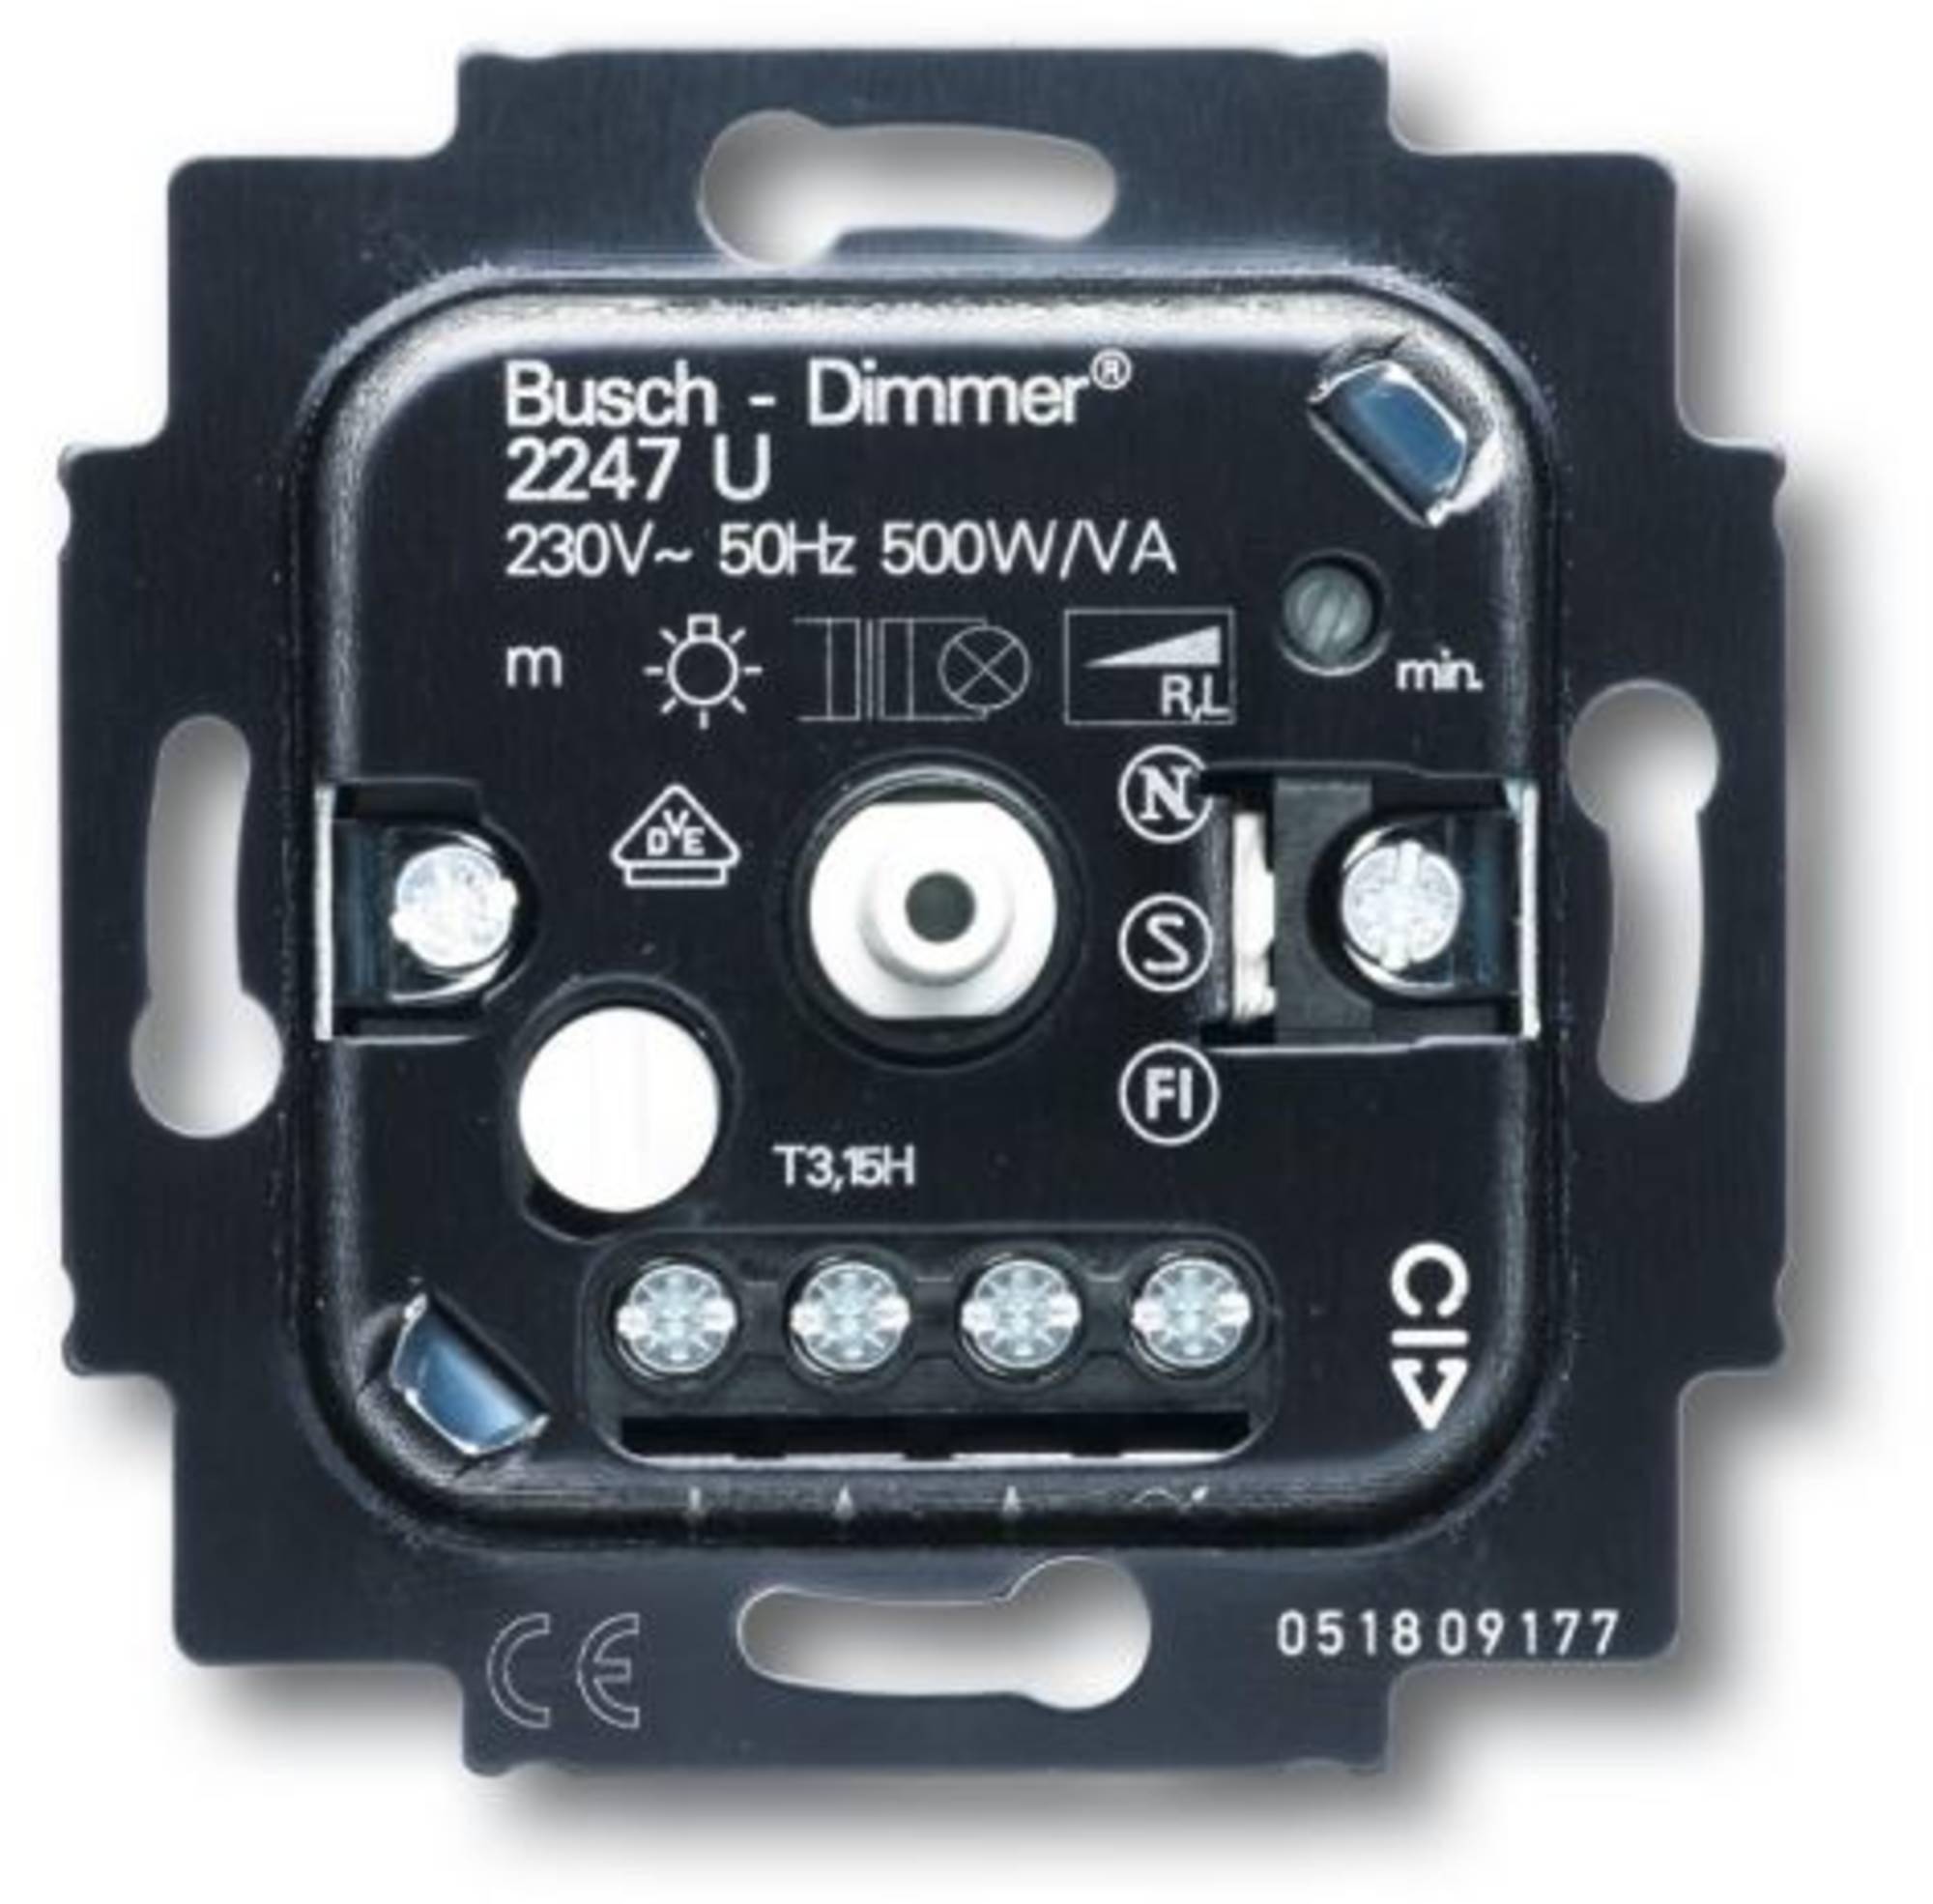 Busch Jaeger Dimmer 20-500 W Inbouw